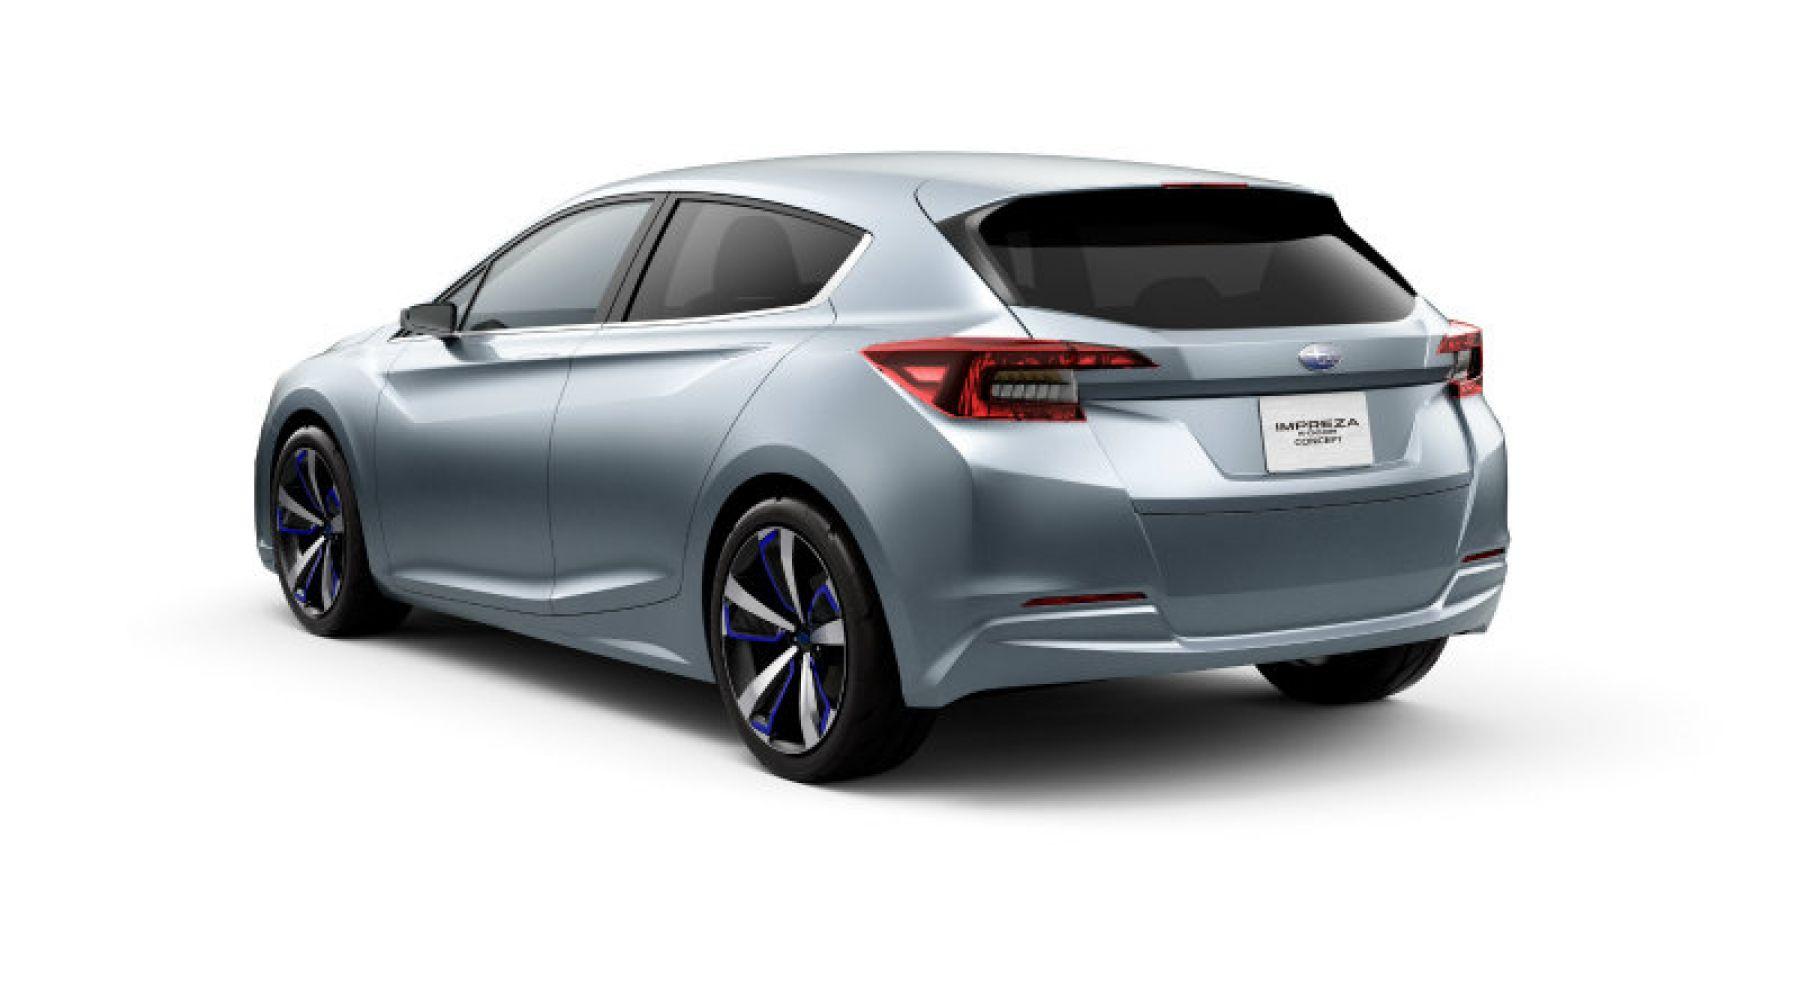 圖 Subaru Impreza概念車廠圖現身預告小改款的設計趨勢 國